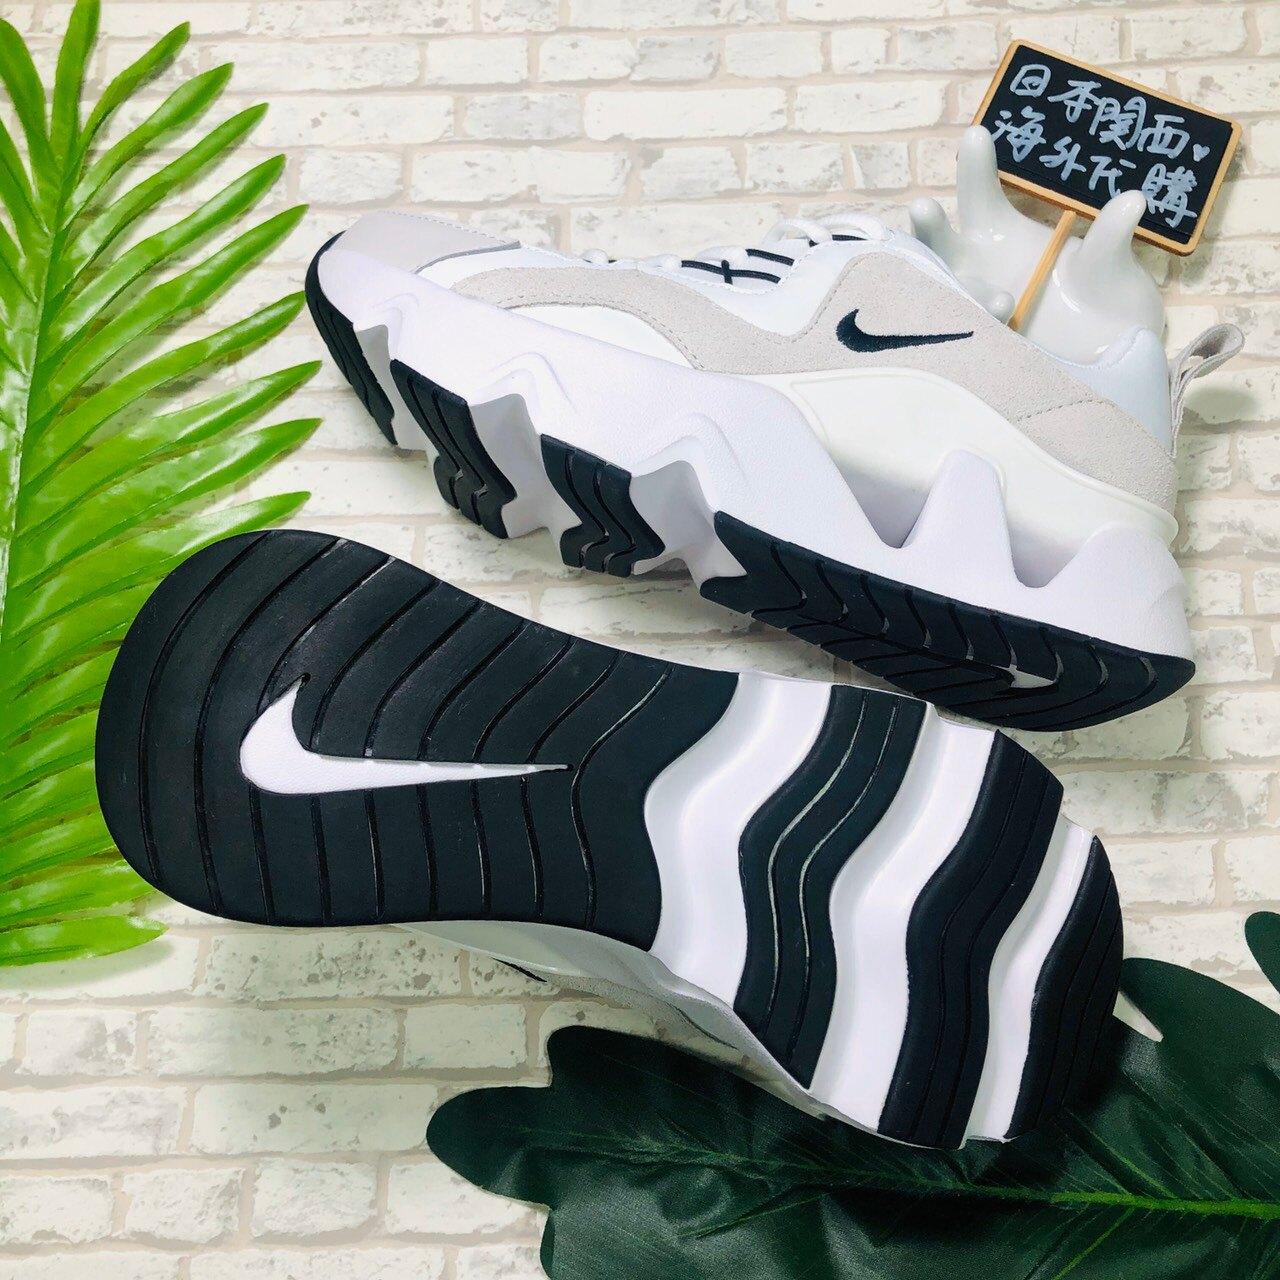 【日本海外代購】NIKE Ryz 365 米白 老爹鞋 麂皮 鏤空 鋸齒 百搭 流行 厚底 運動鞋 休閒鞋 男女鞋 BQ4135-100